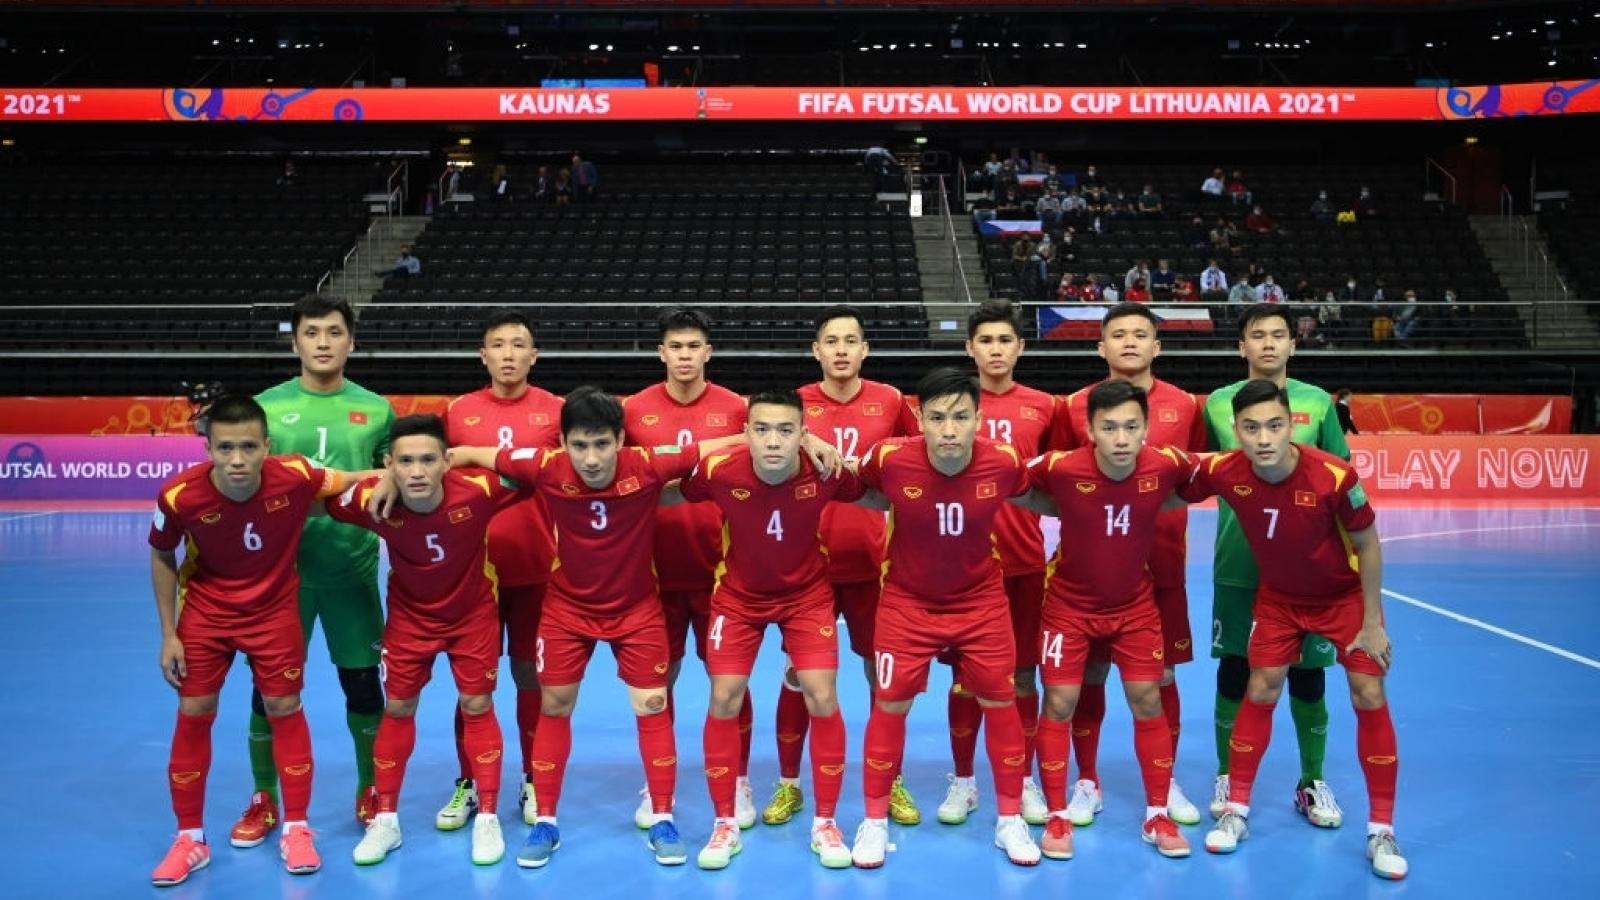 ĐT Việt Nam đối đầu ĐT Nga ở vòng 1/8 Futsal World Cup 2021